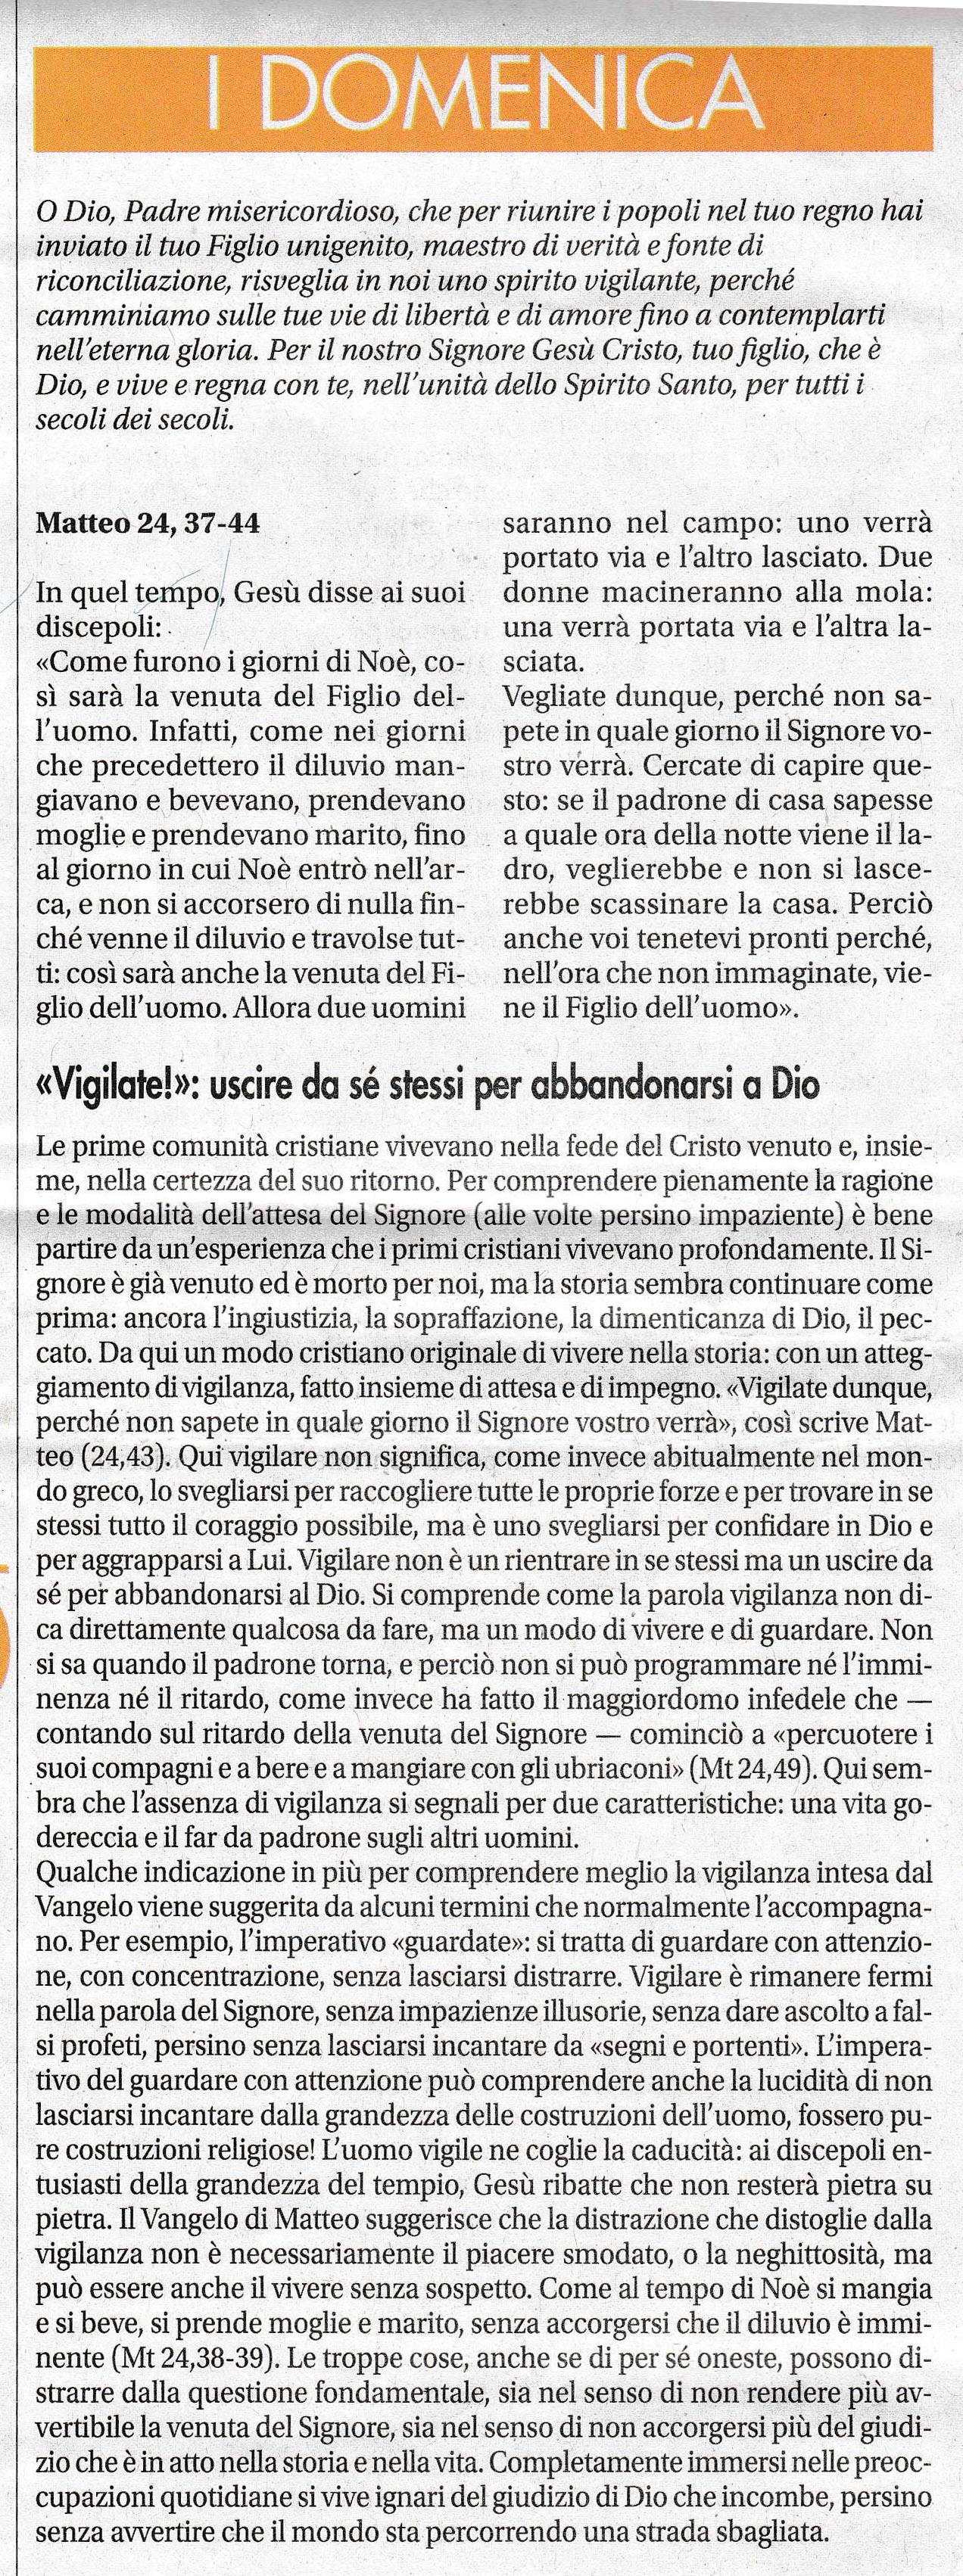 I DOMENICA AVVENTO - sussidio a cura di mons. Enrico Solmi, Vescovo di Parma